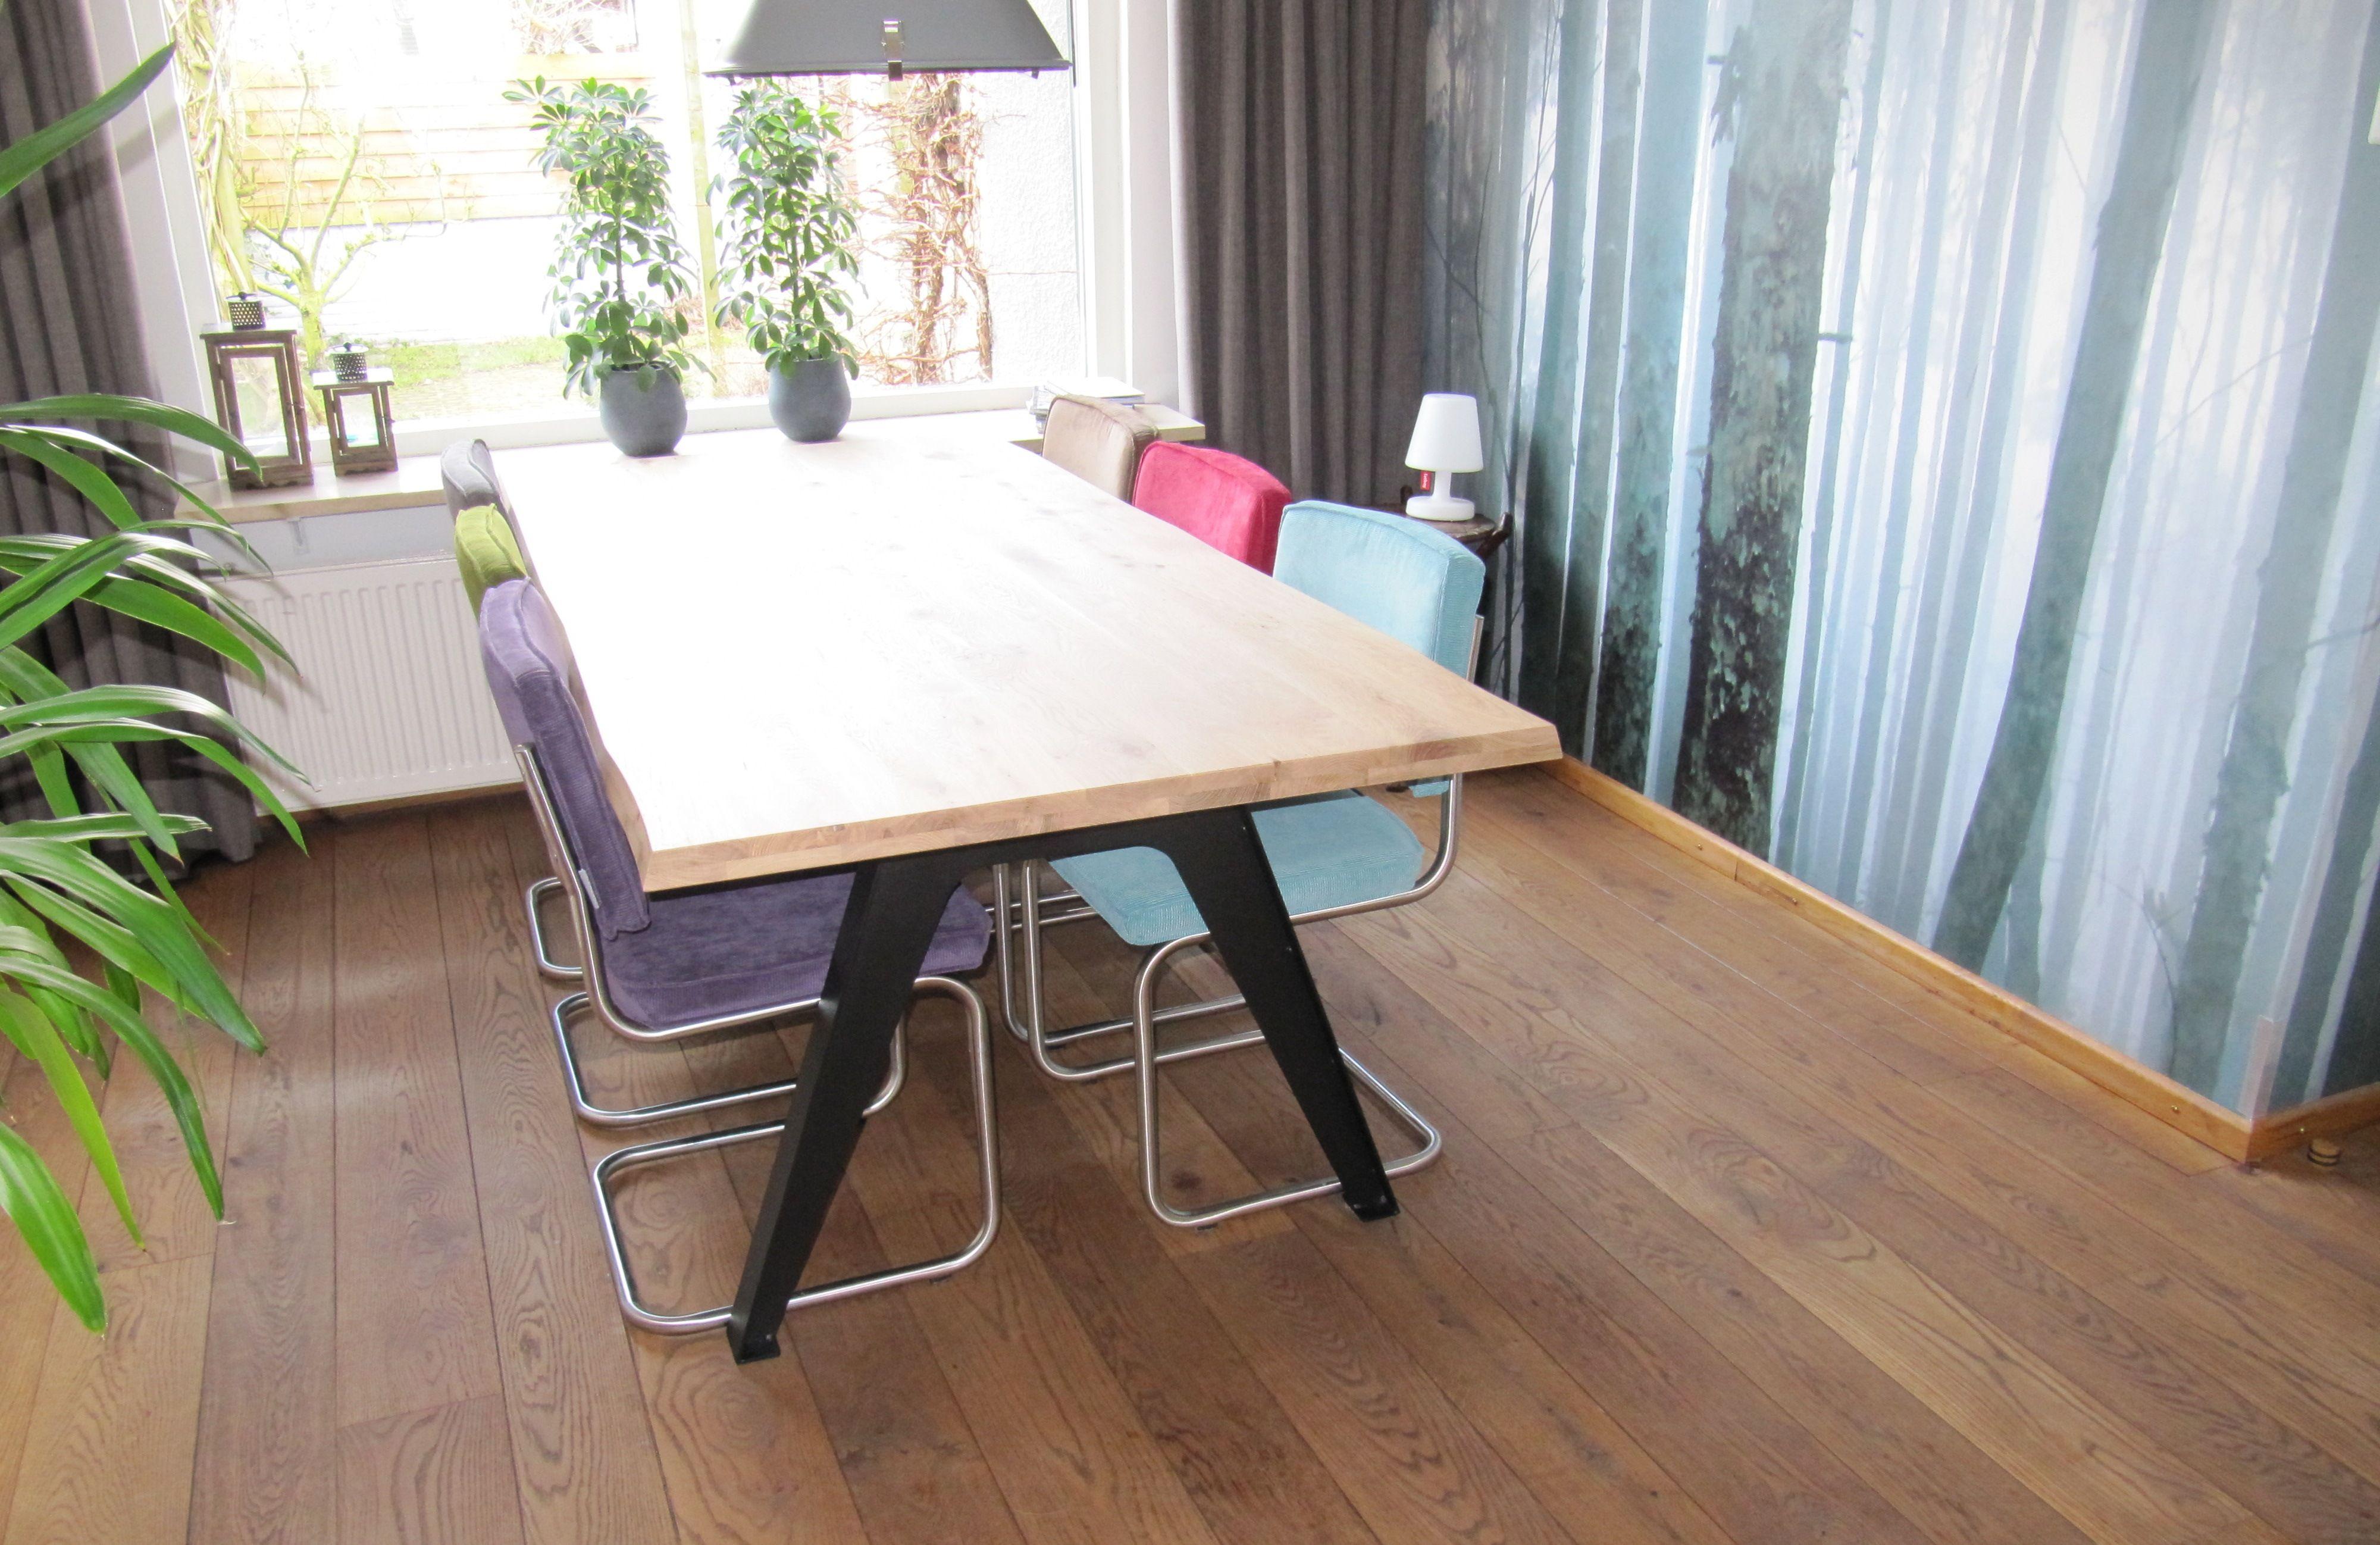 Zuiver Stoel Ridge : Sparrow tafel van dyyk olie met zuiver ridge rib stoelen